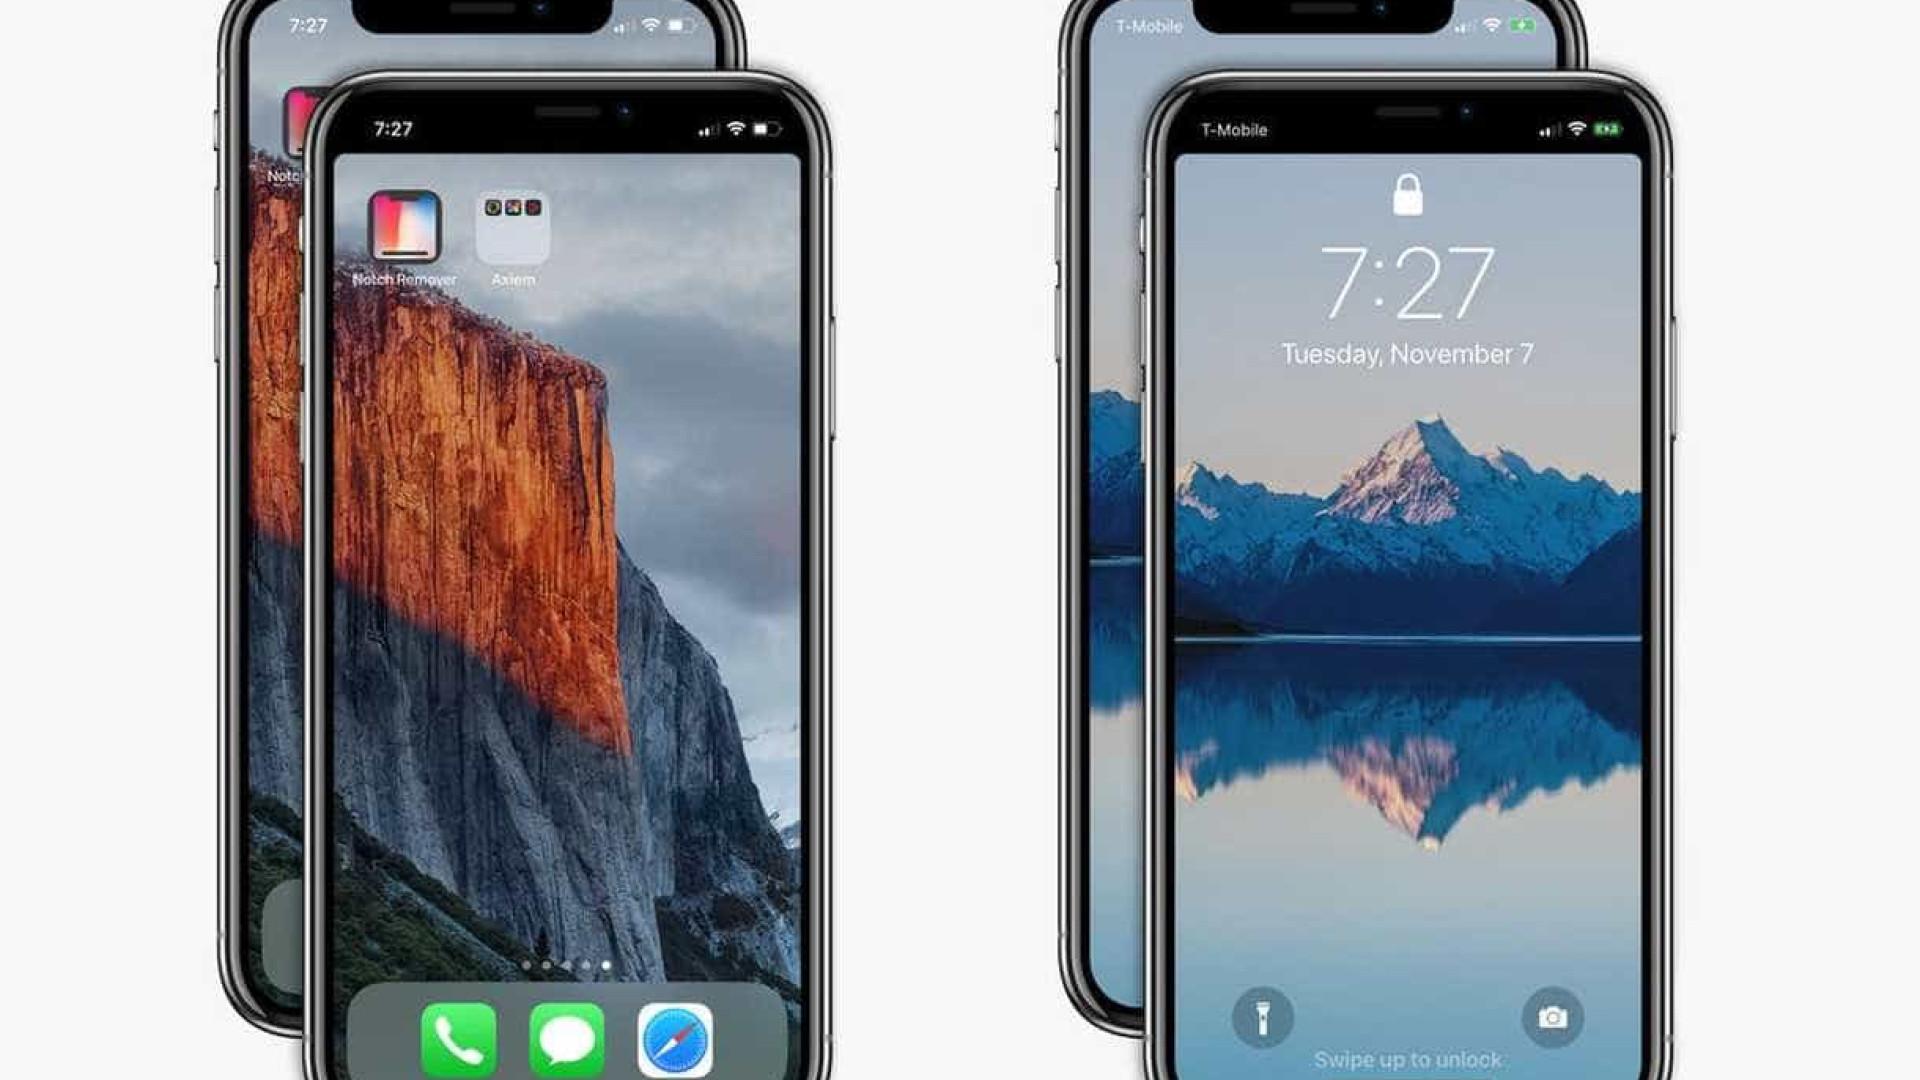 Vendas baixas do iPhone X também estão a prejudicar a Samsung